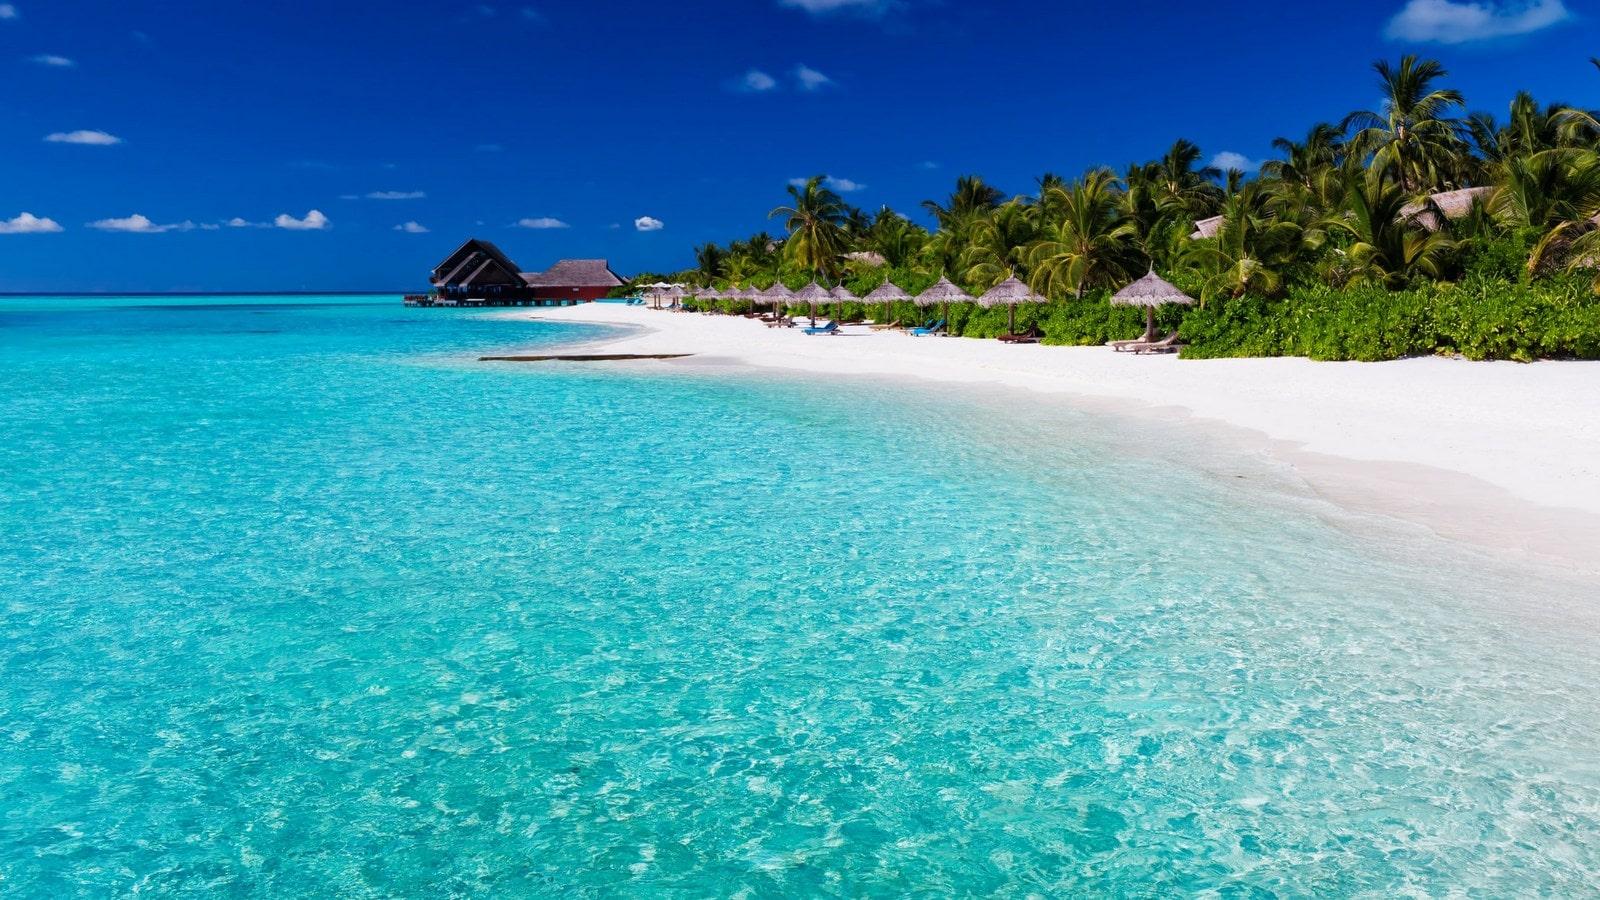 Мальдивы, отель Anantara Dhigu Maldives Resort, пляж